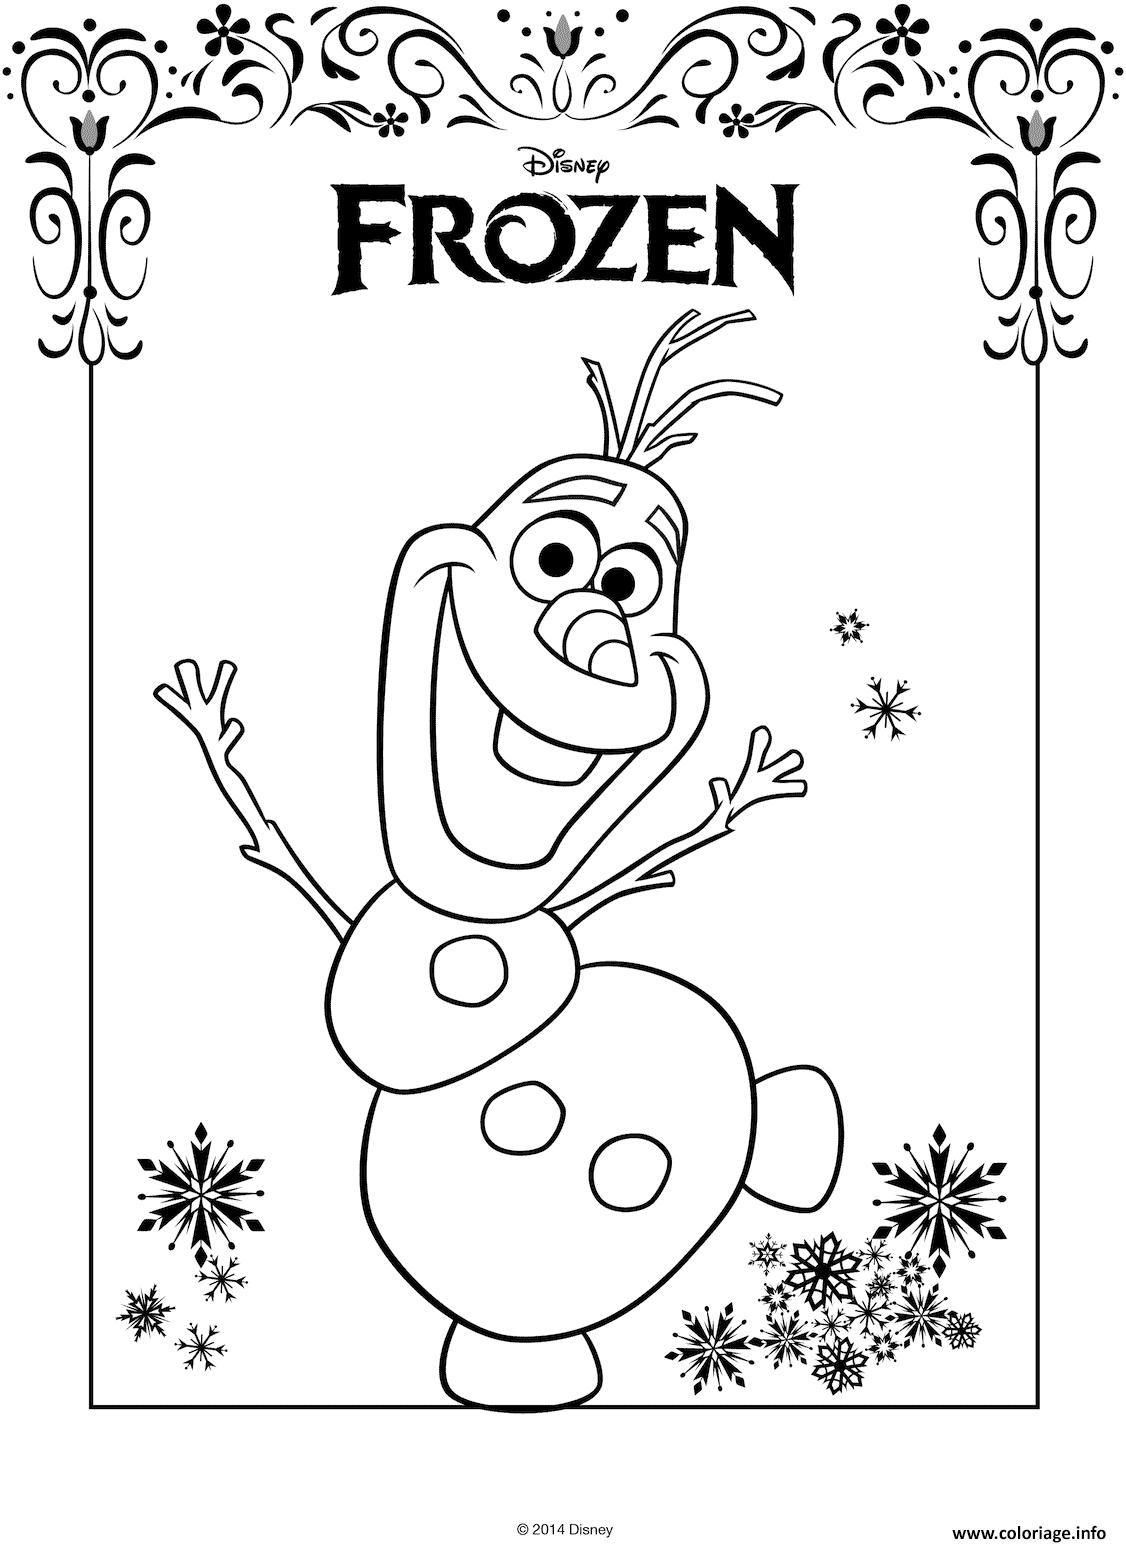 Coloriage olaf avec logo frozen de disney - JeColorie.com